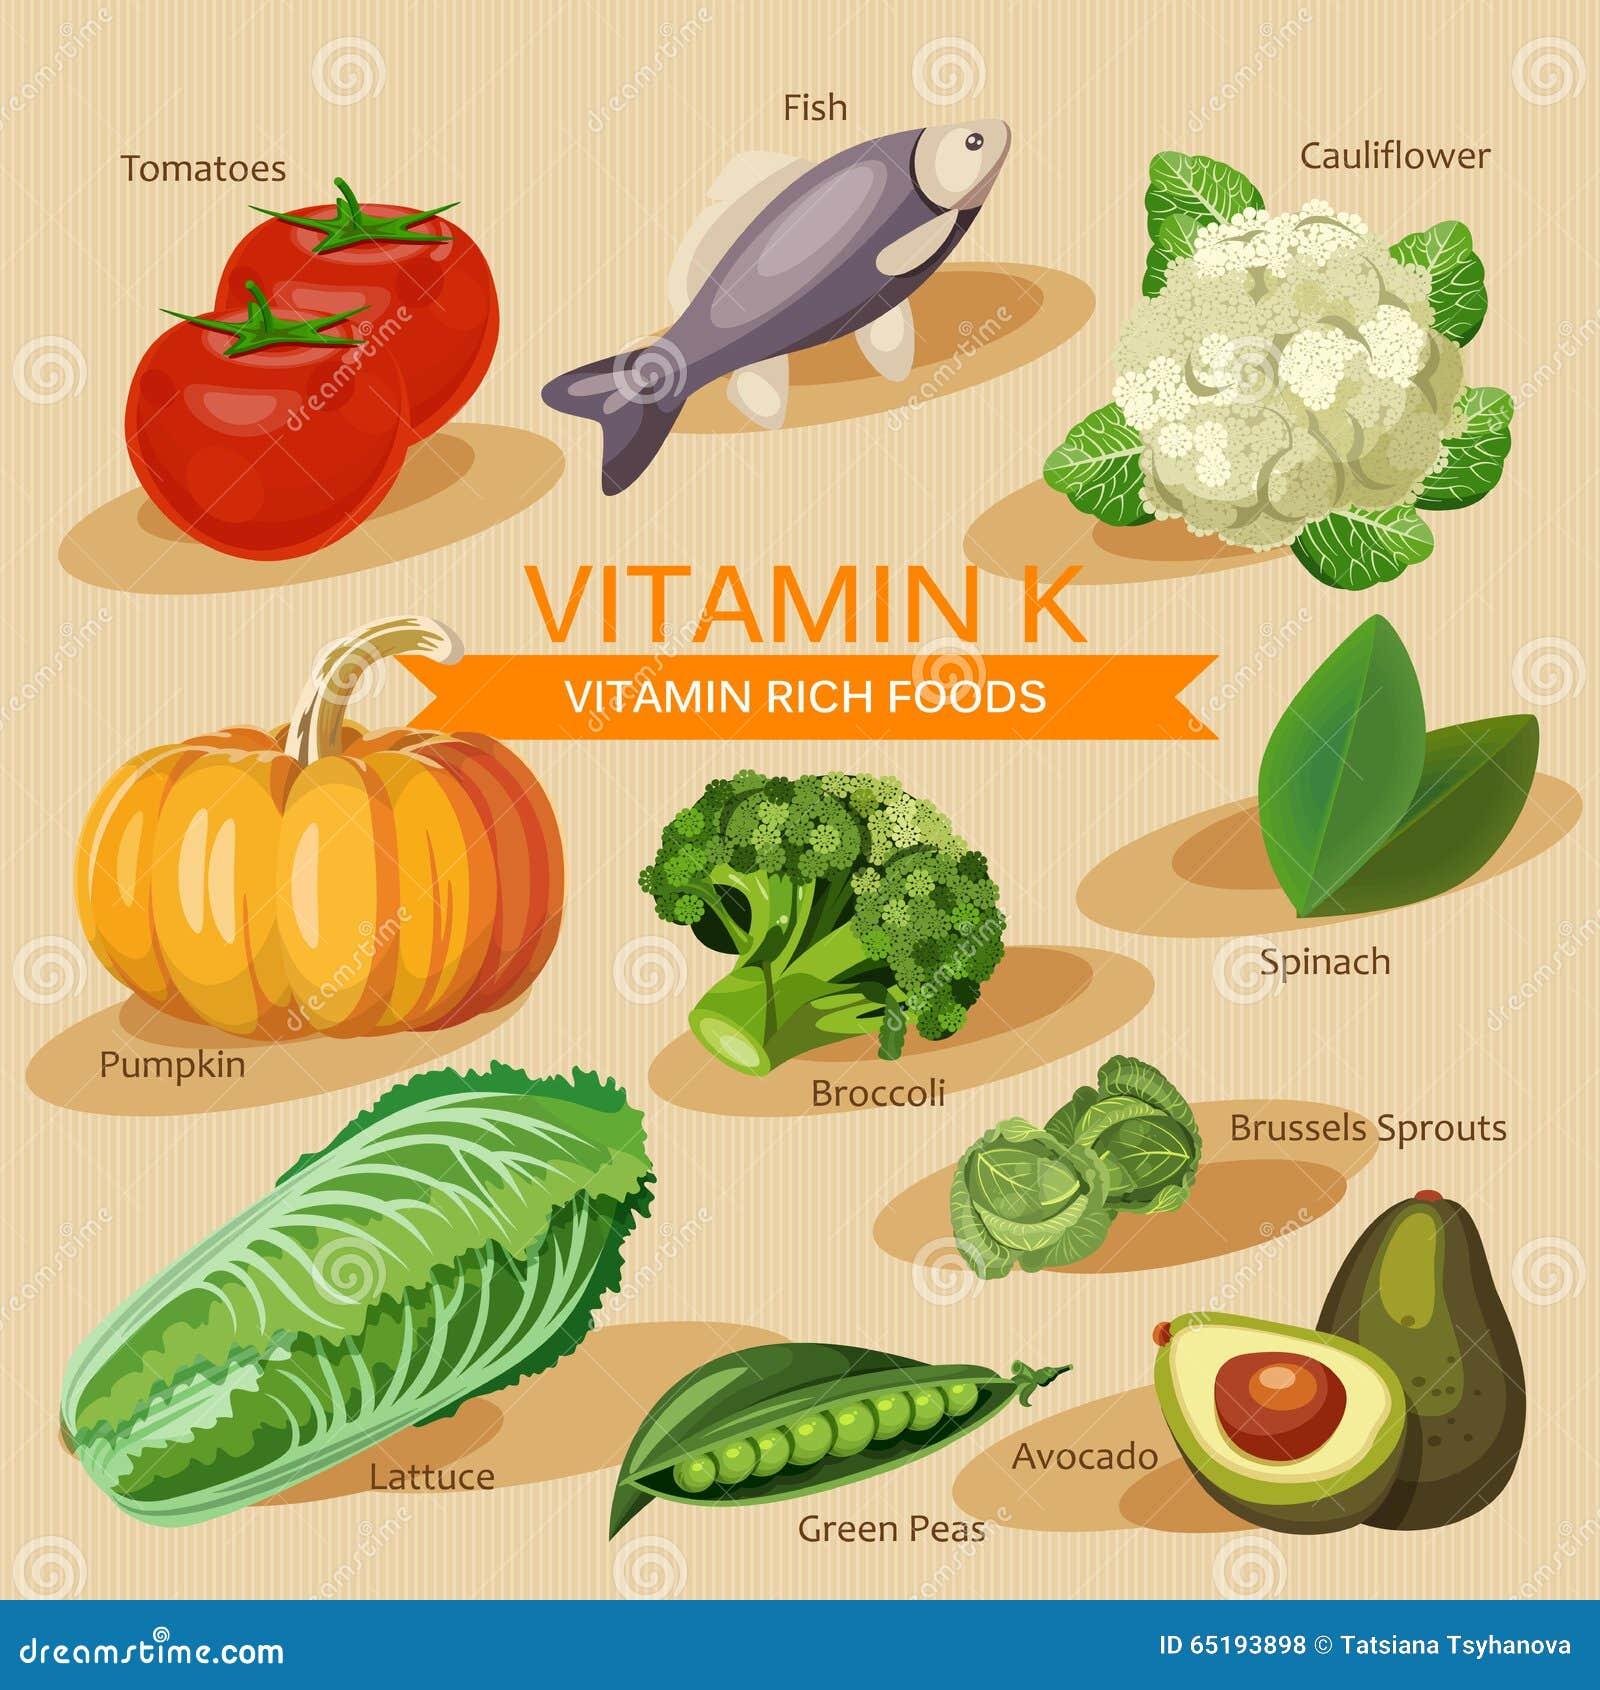 Groepen gezond fruit, groenten, vlees, vissen en zuivelproducten die specifieke vitaminen bevatten Vitamine K